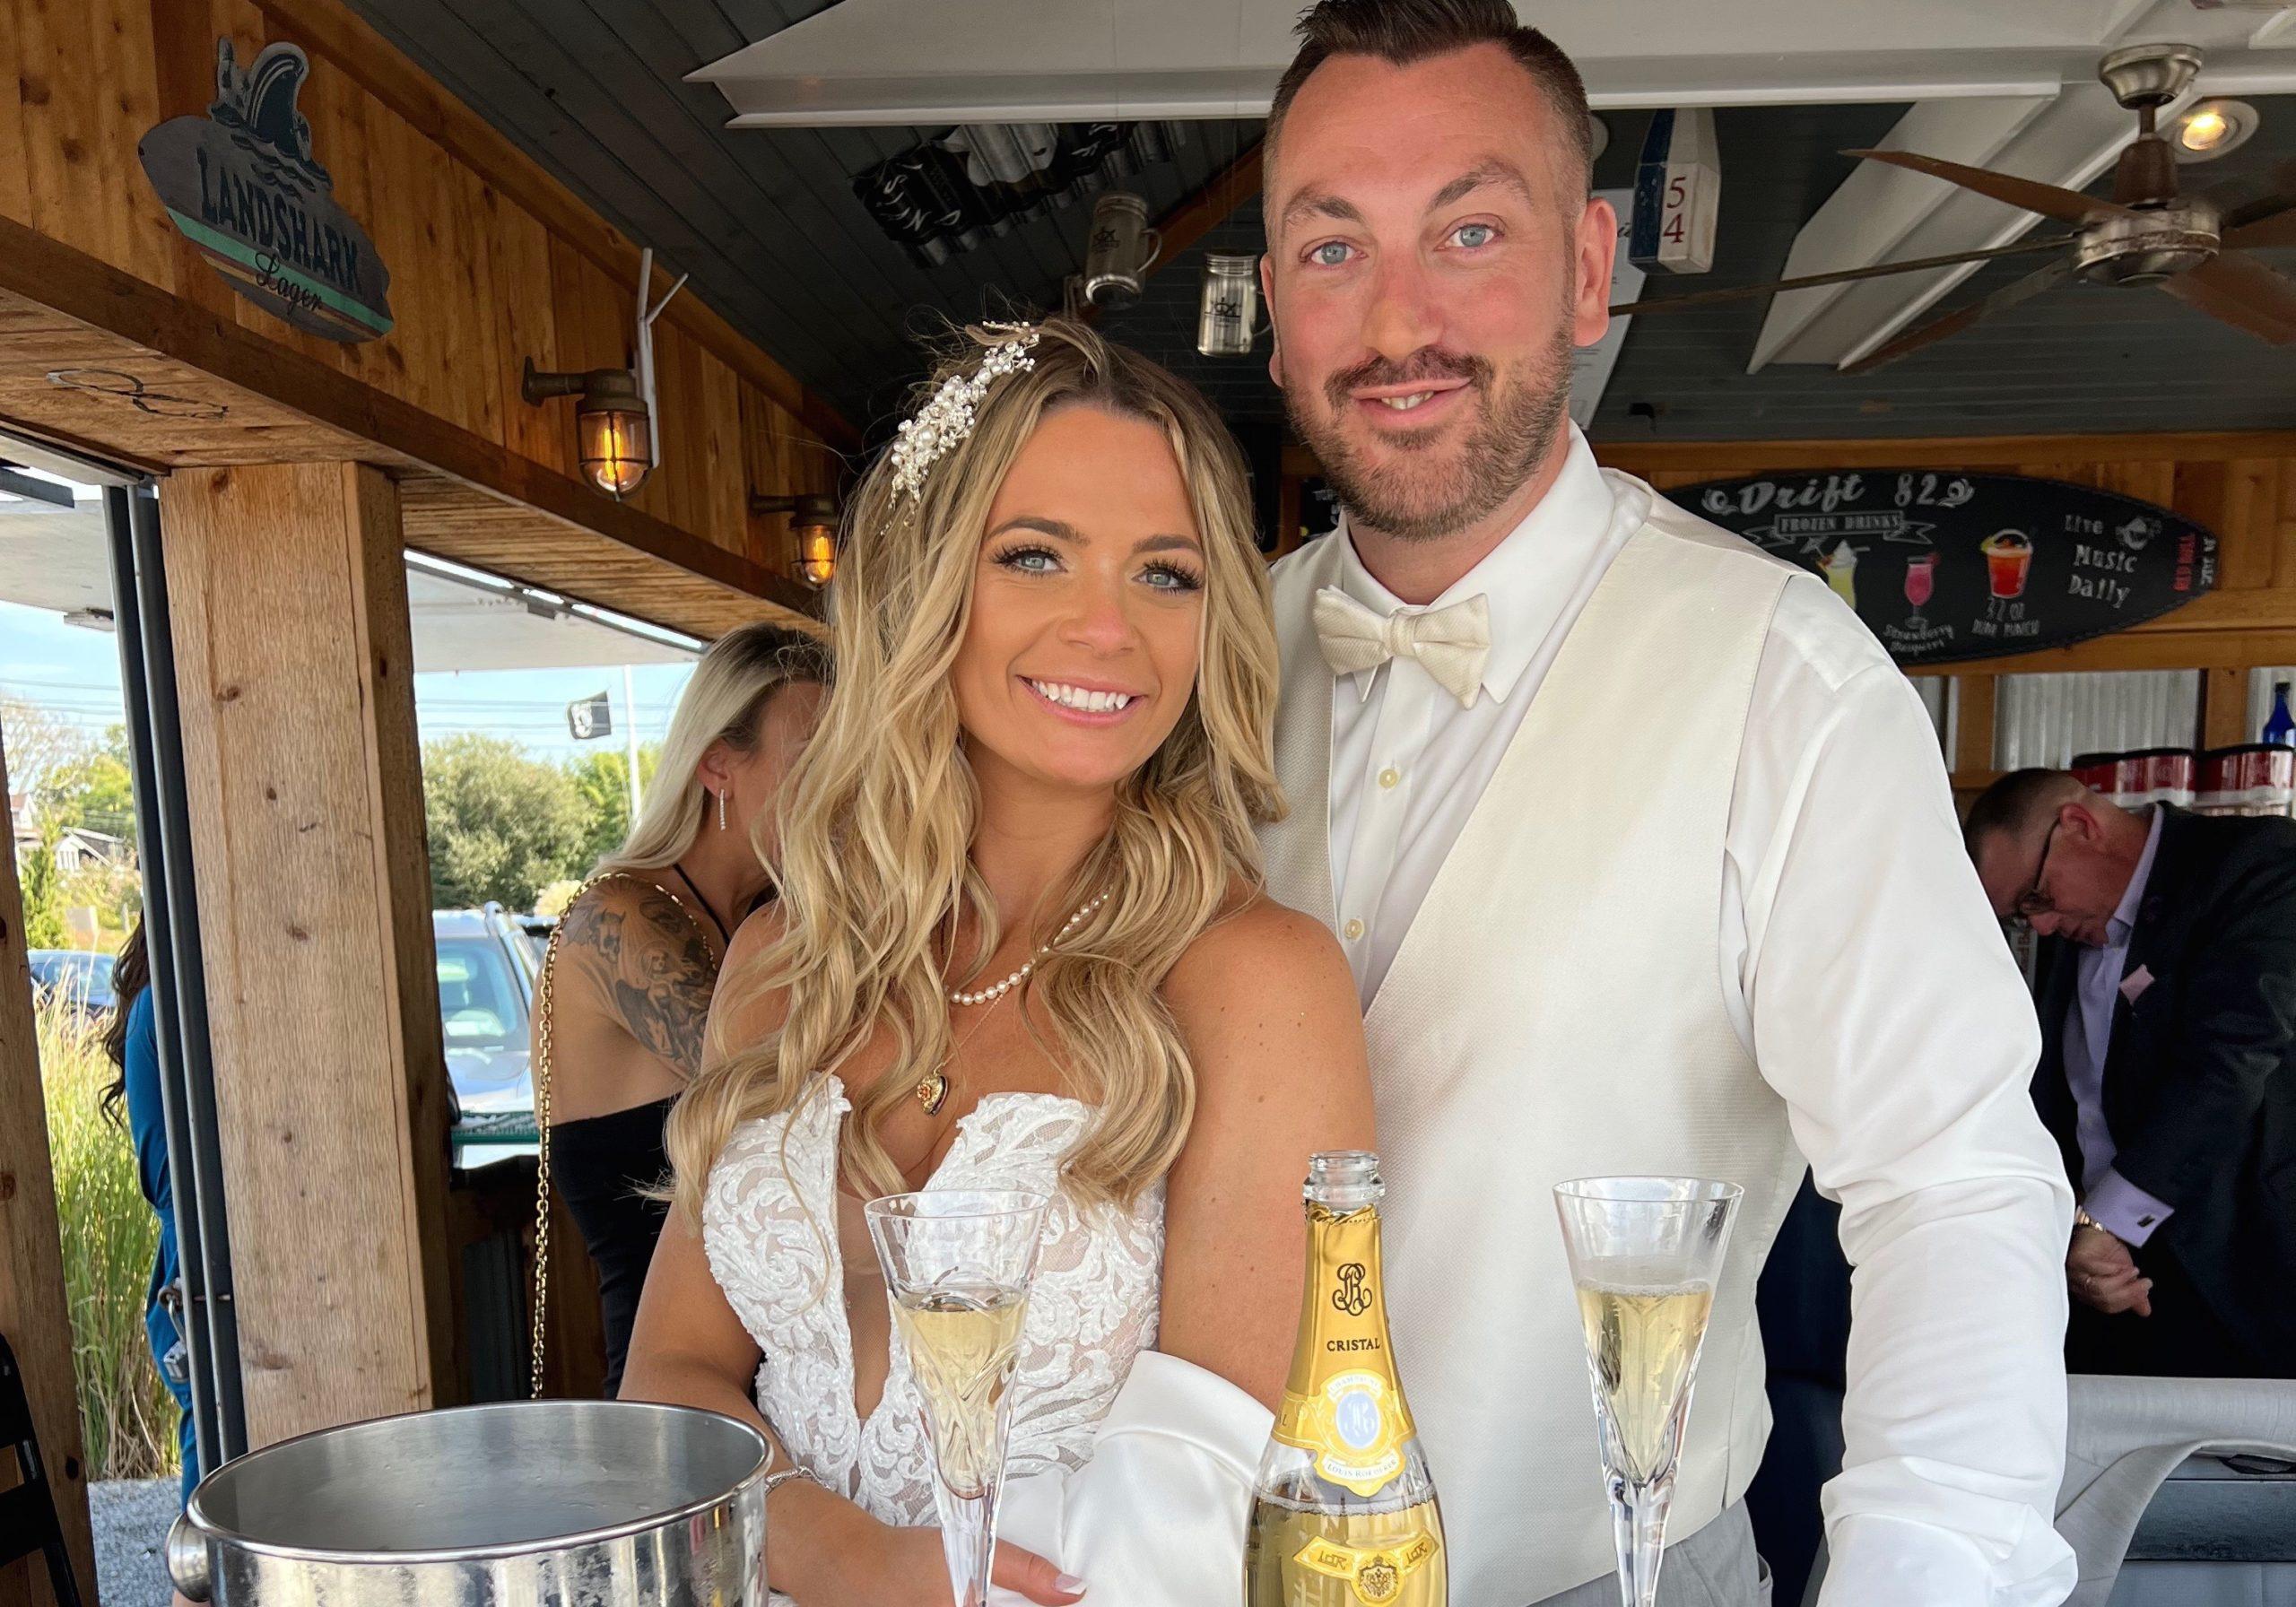 Drift 82 weddings